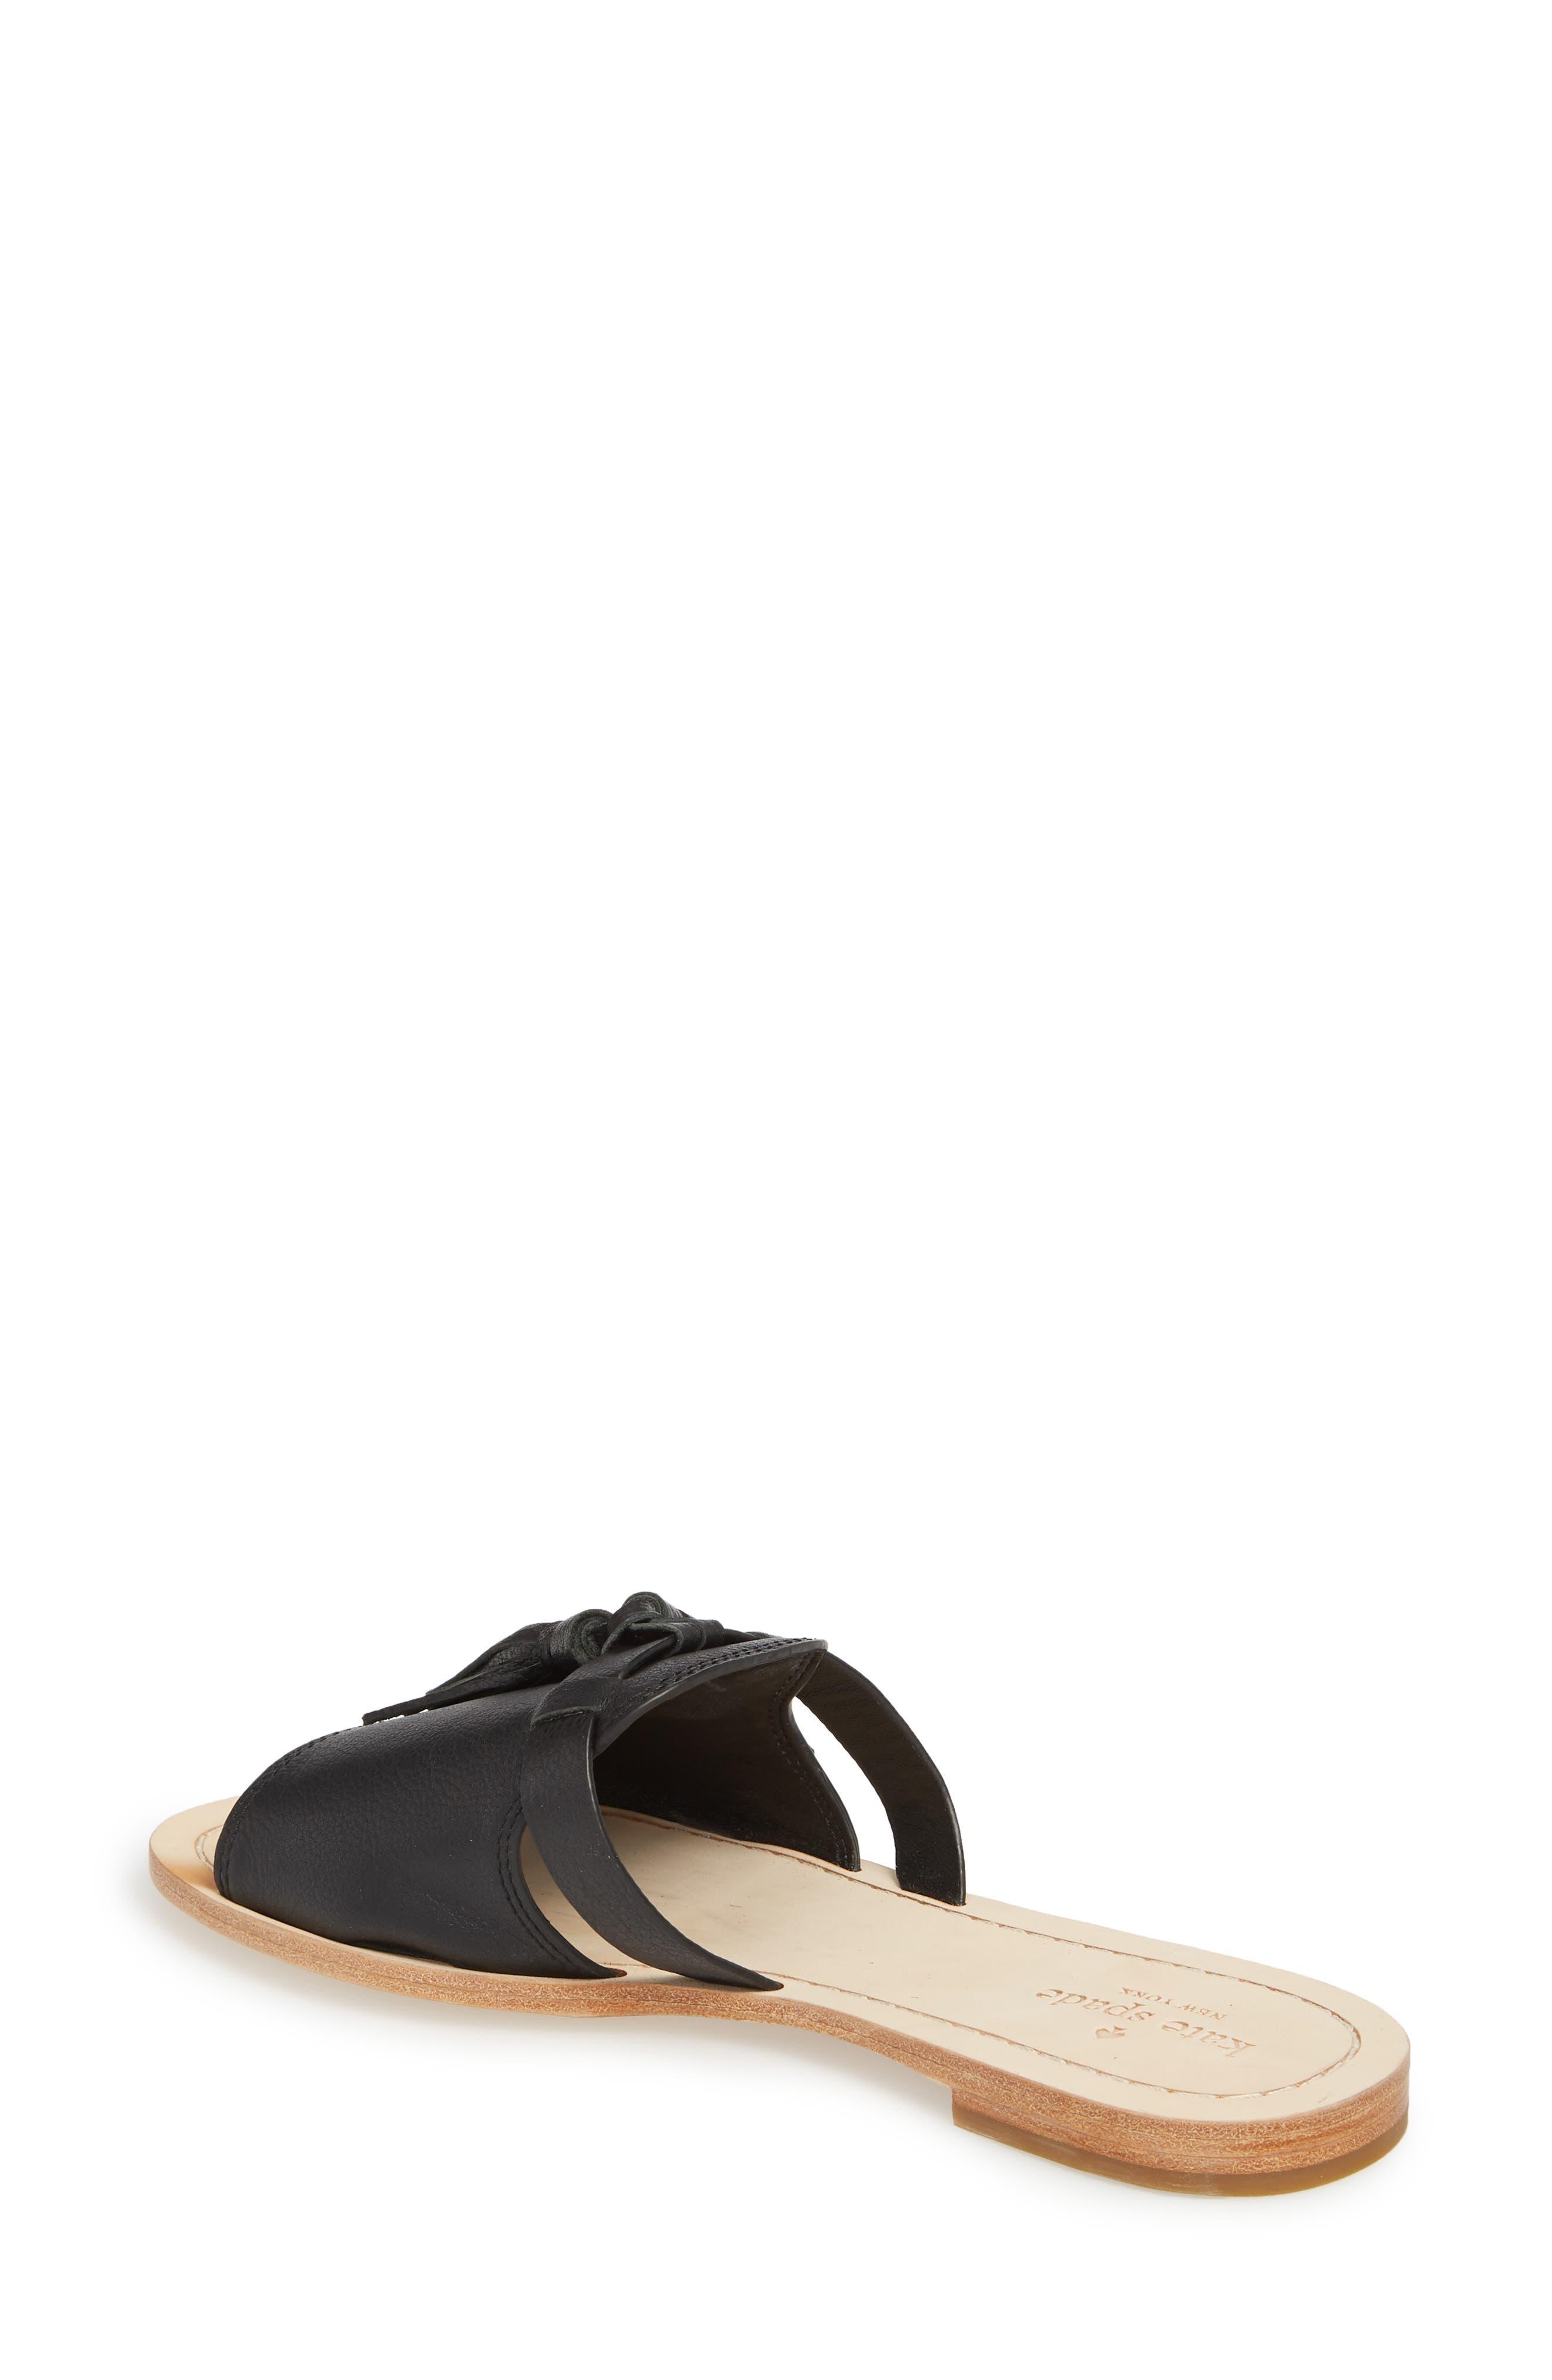 coby tassel slide sandal,                             Alternate thumbnail 2, color,                             Black